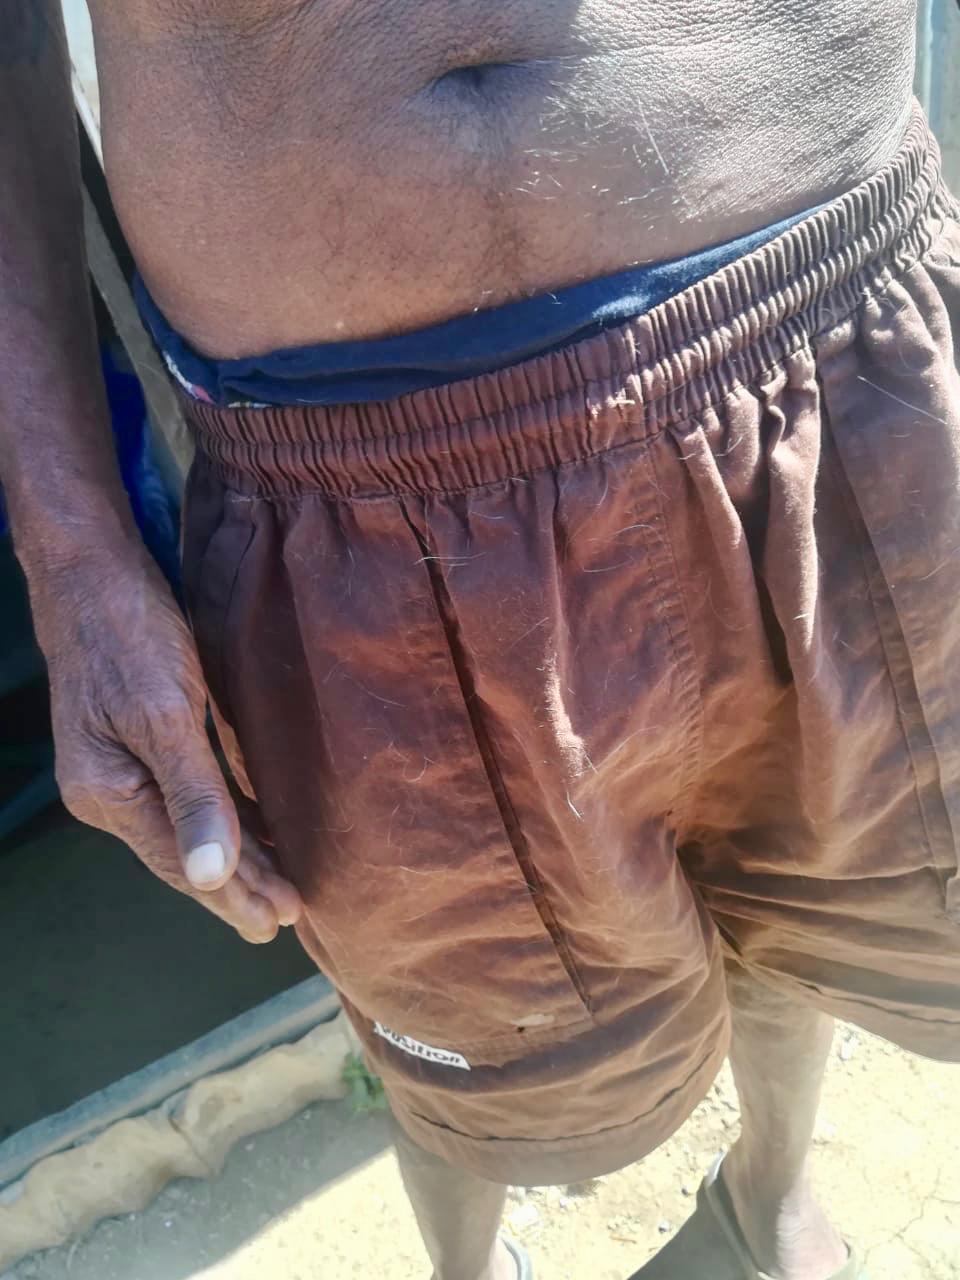 南非奇葩男子因为猥亵邻居家的猫而被逮捕 作者: 来源:奇闻者